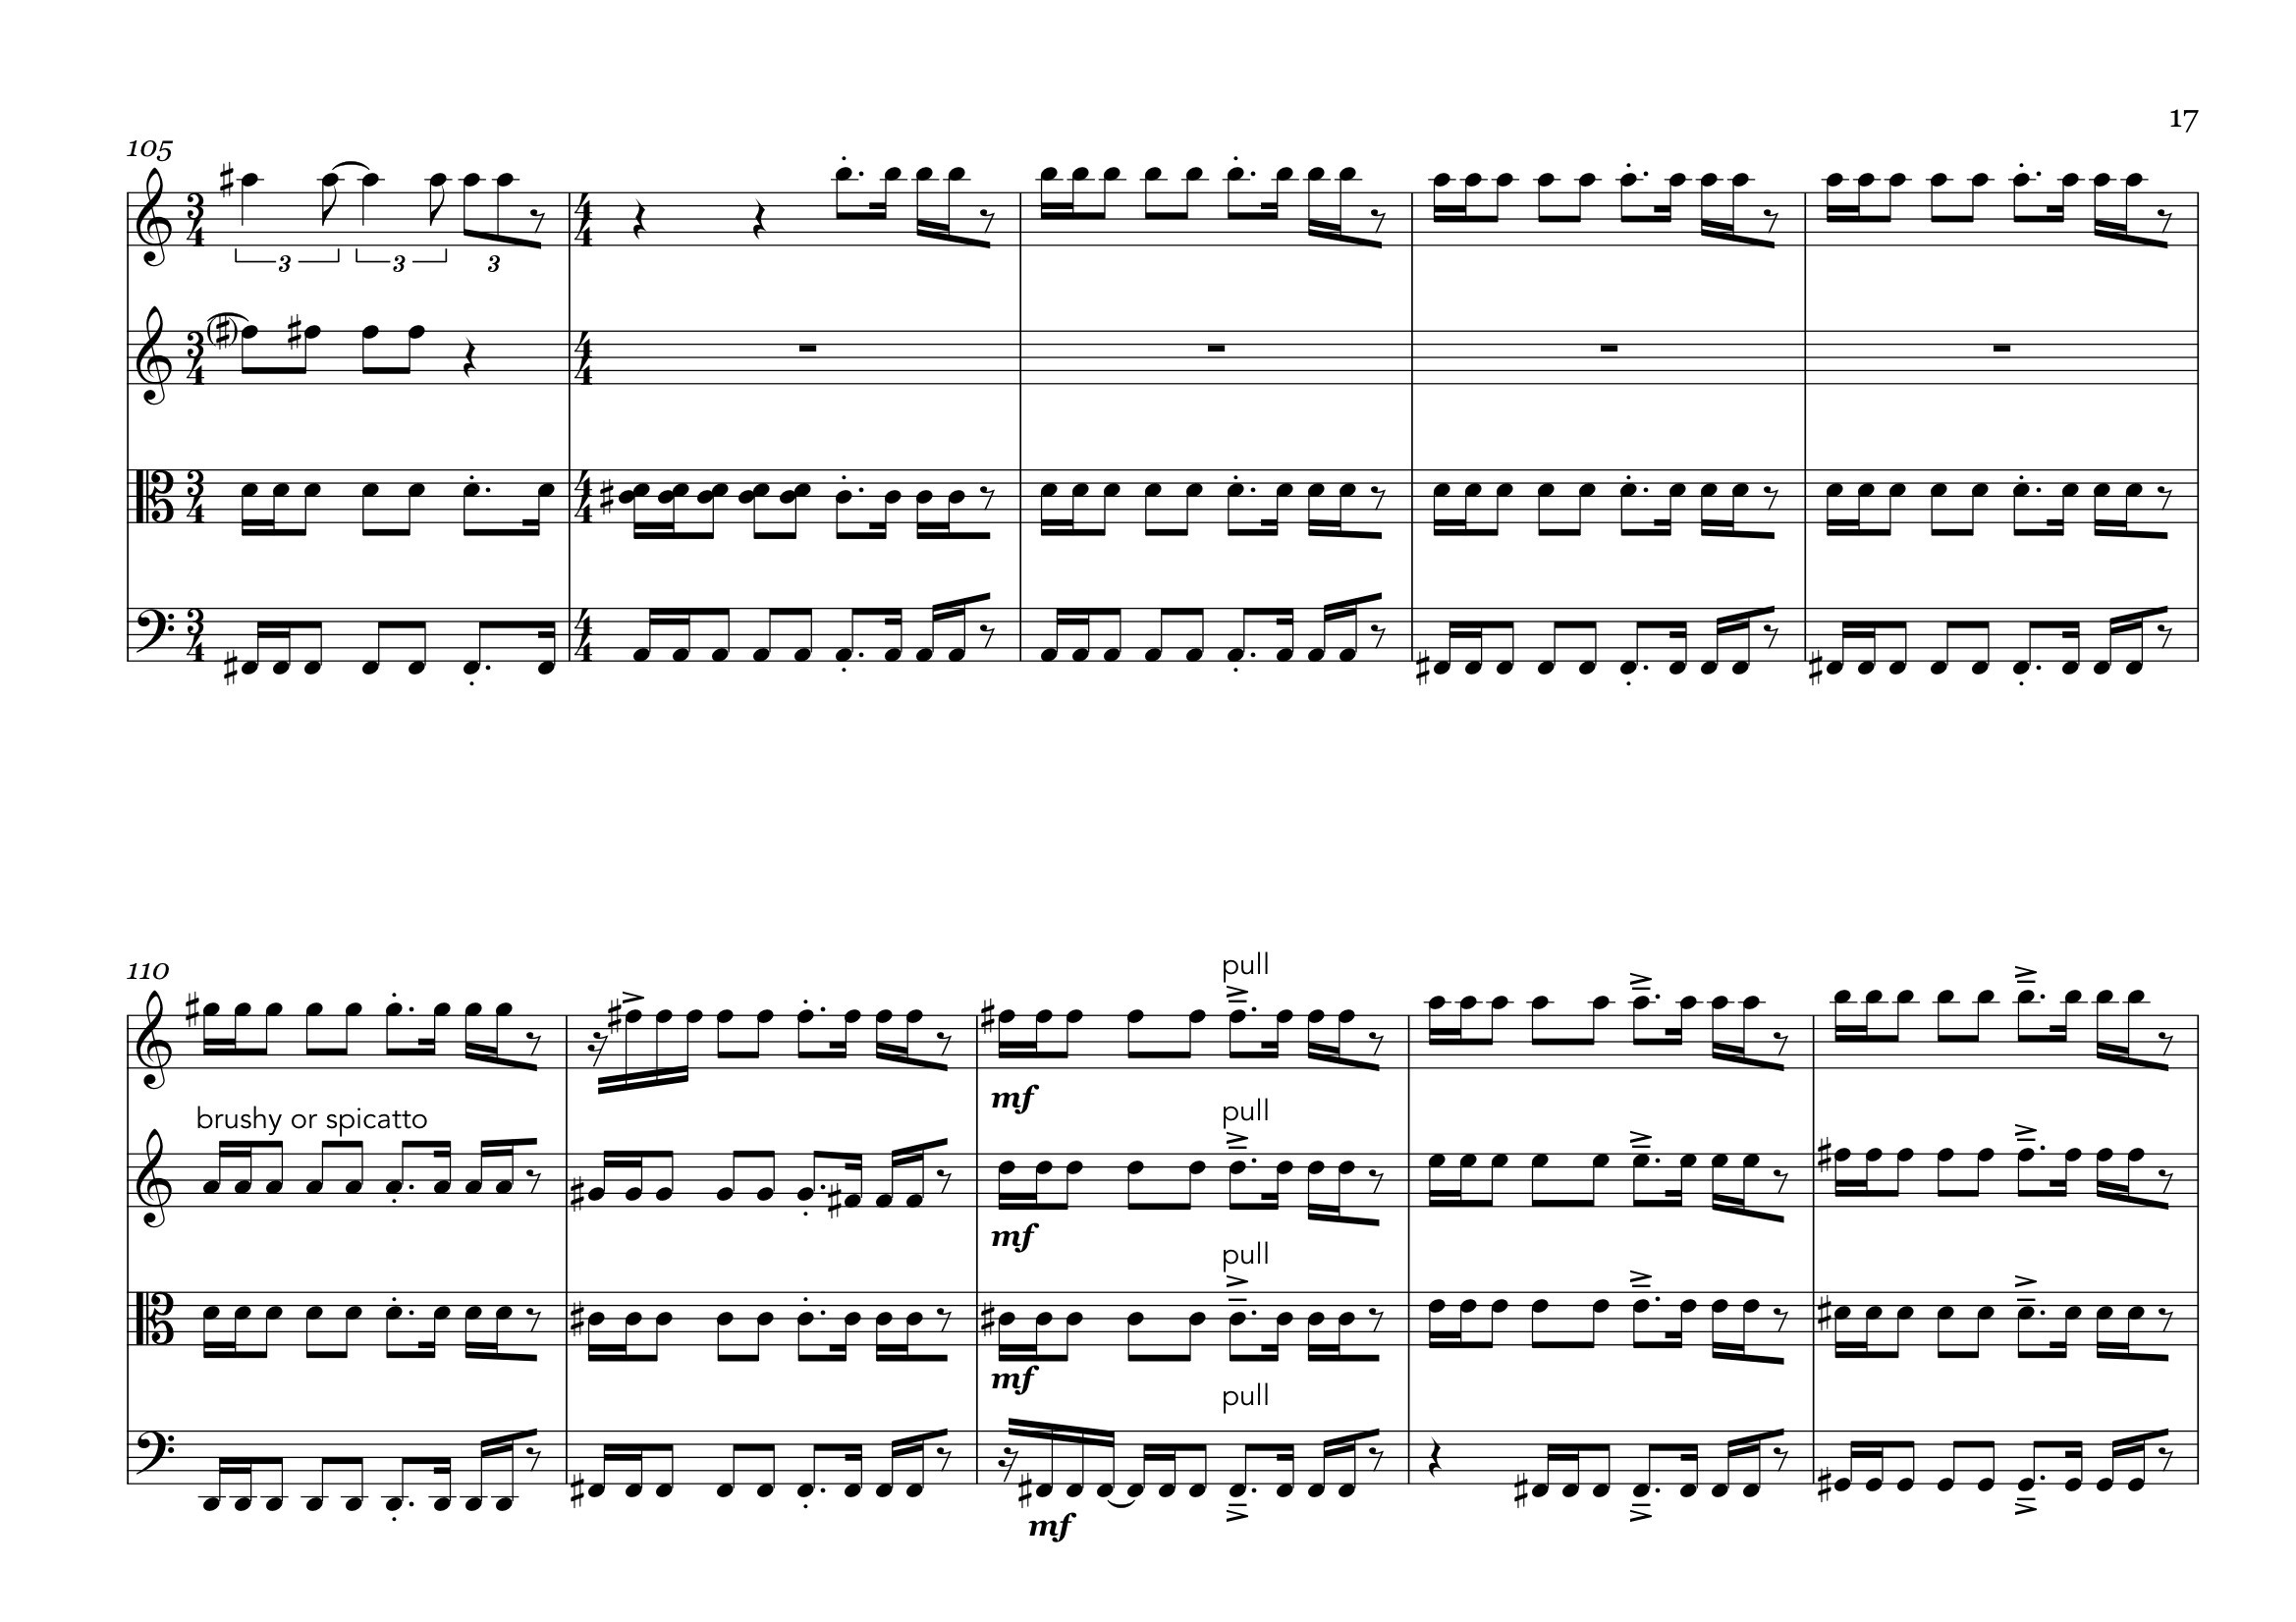 DotDash for string quartet, score, 9.30.17 17.jpeg